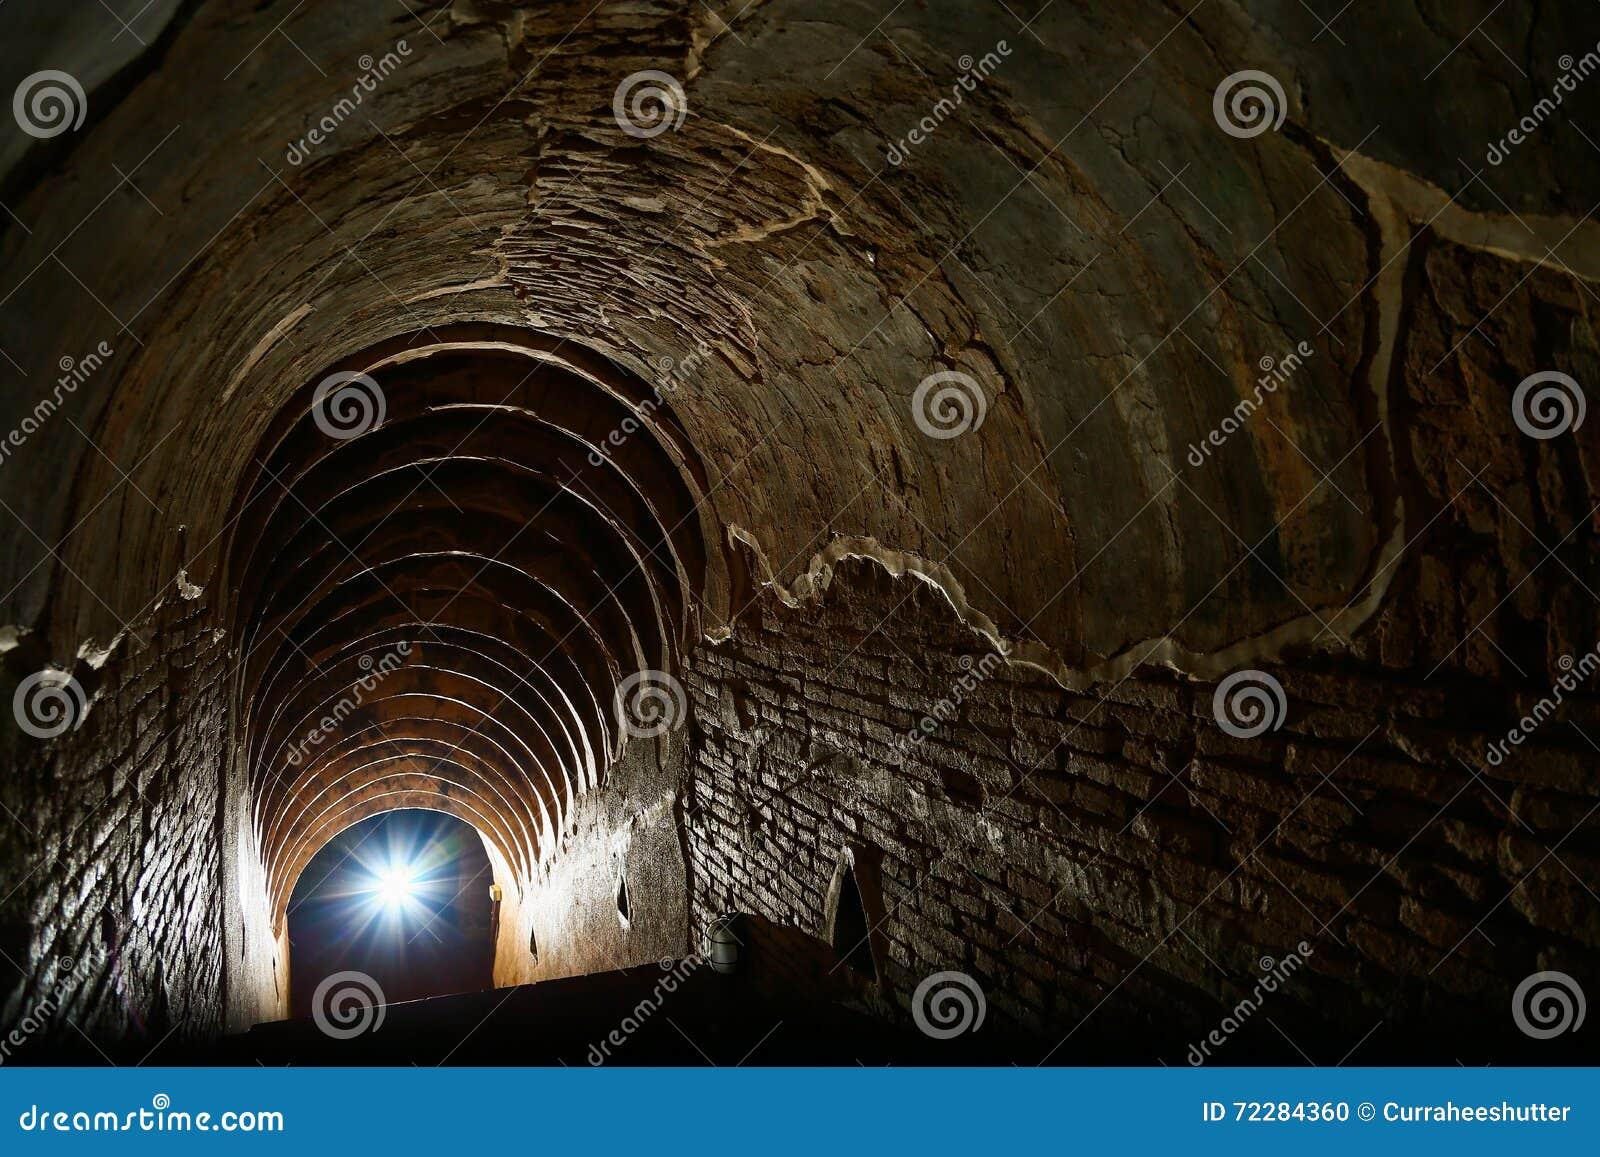 Download Предпосылка тоннеля и концепция дела тоннель с старым кирпичом конец тоннеля и дела концепции успешно тоннель тайны Стоковое Фото - изображение насчитывающей конец, railway: 72284360